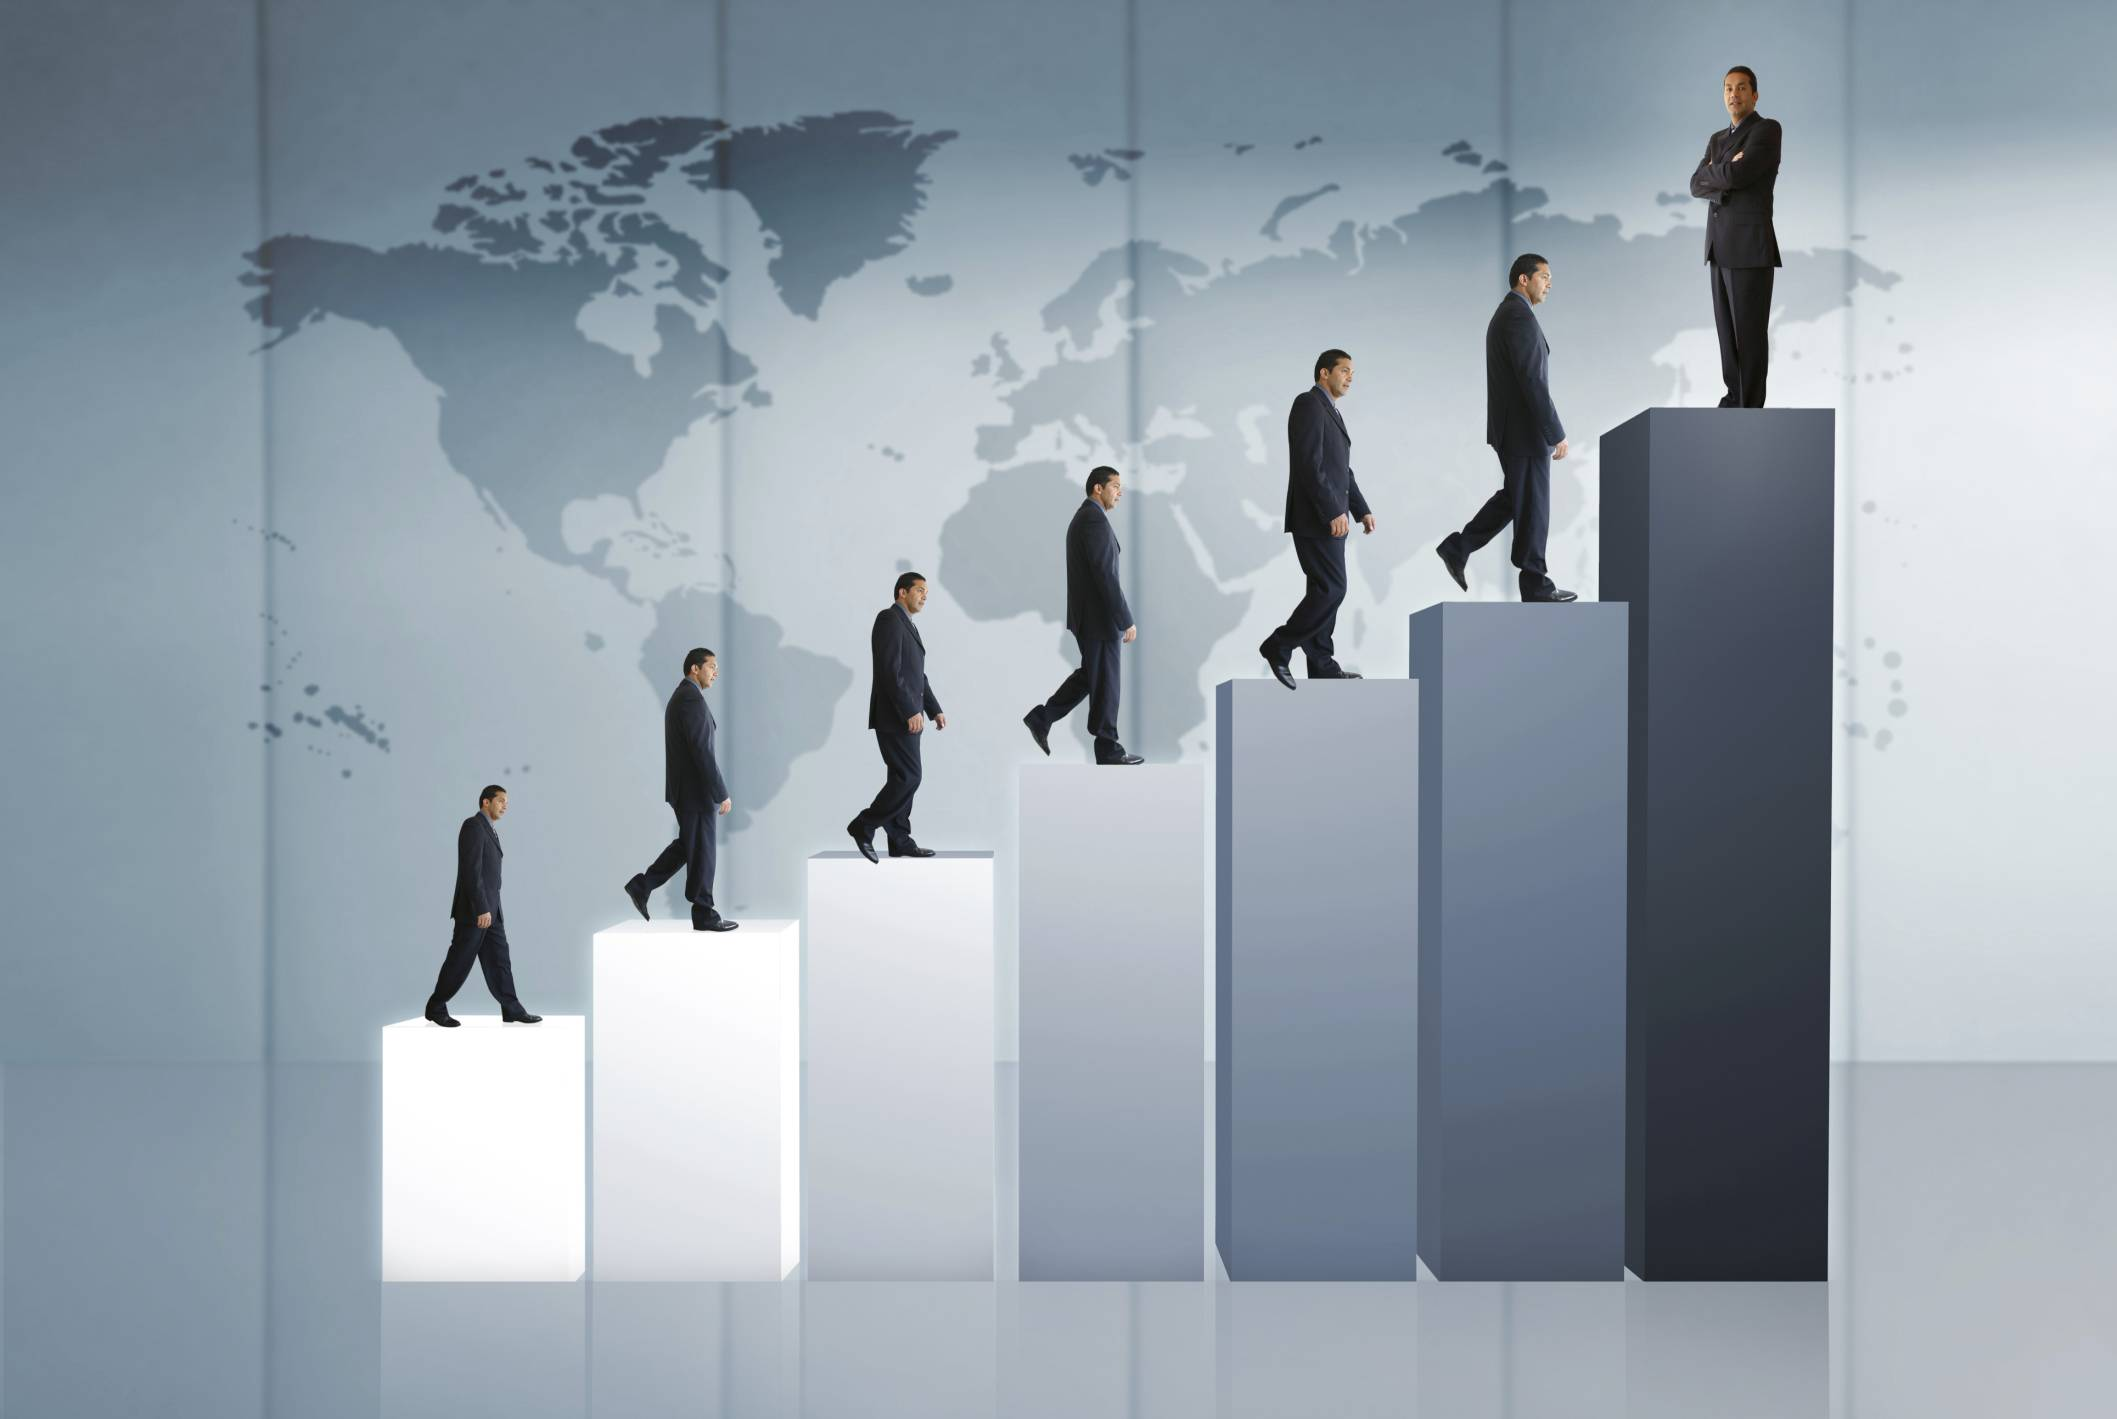 3.3. предприимчивость как деятельностное свойство личности. работа и личность [трудоголизм, перфекционизм, лень]